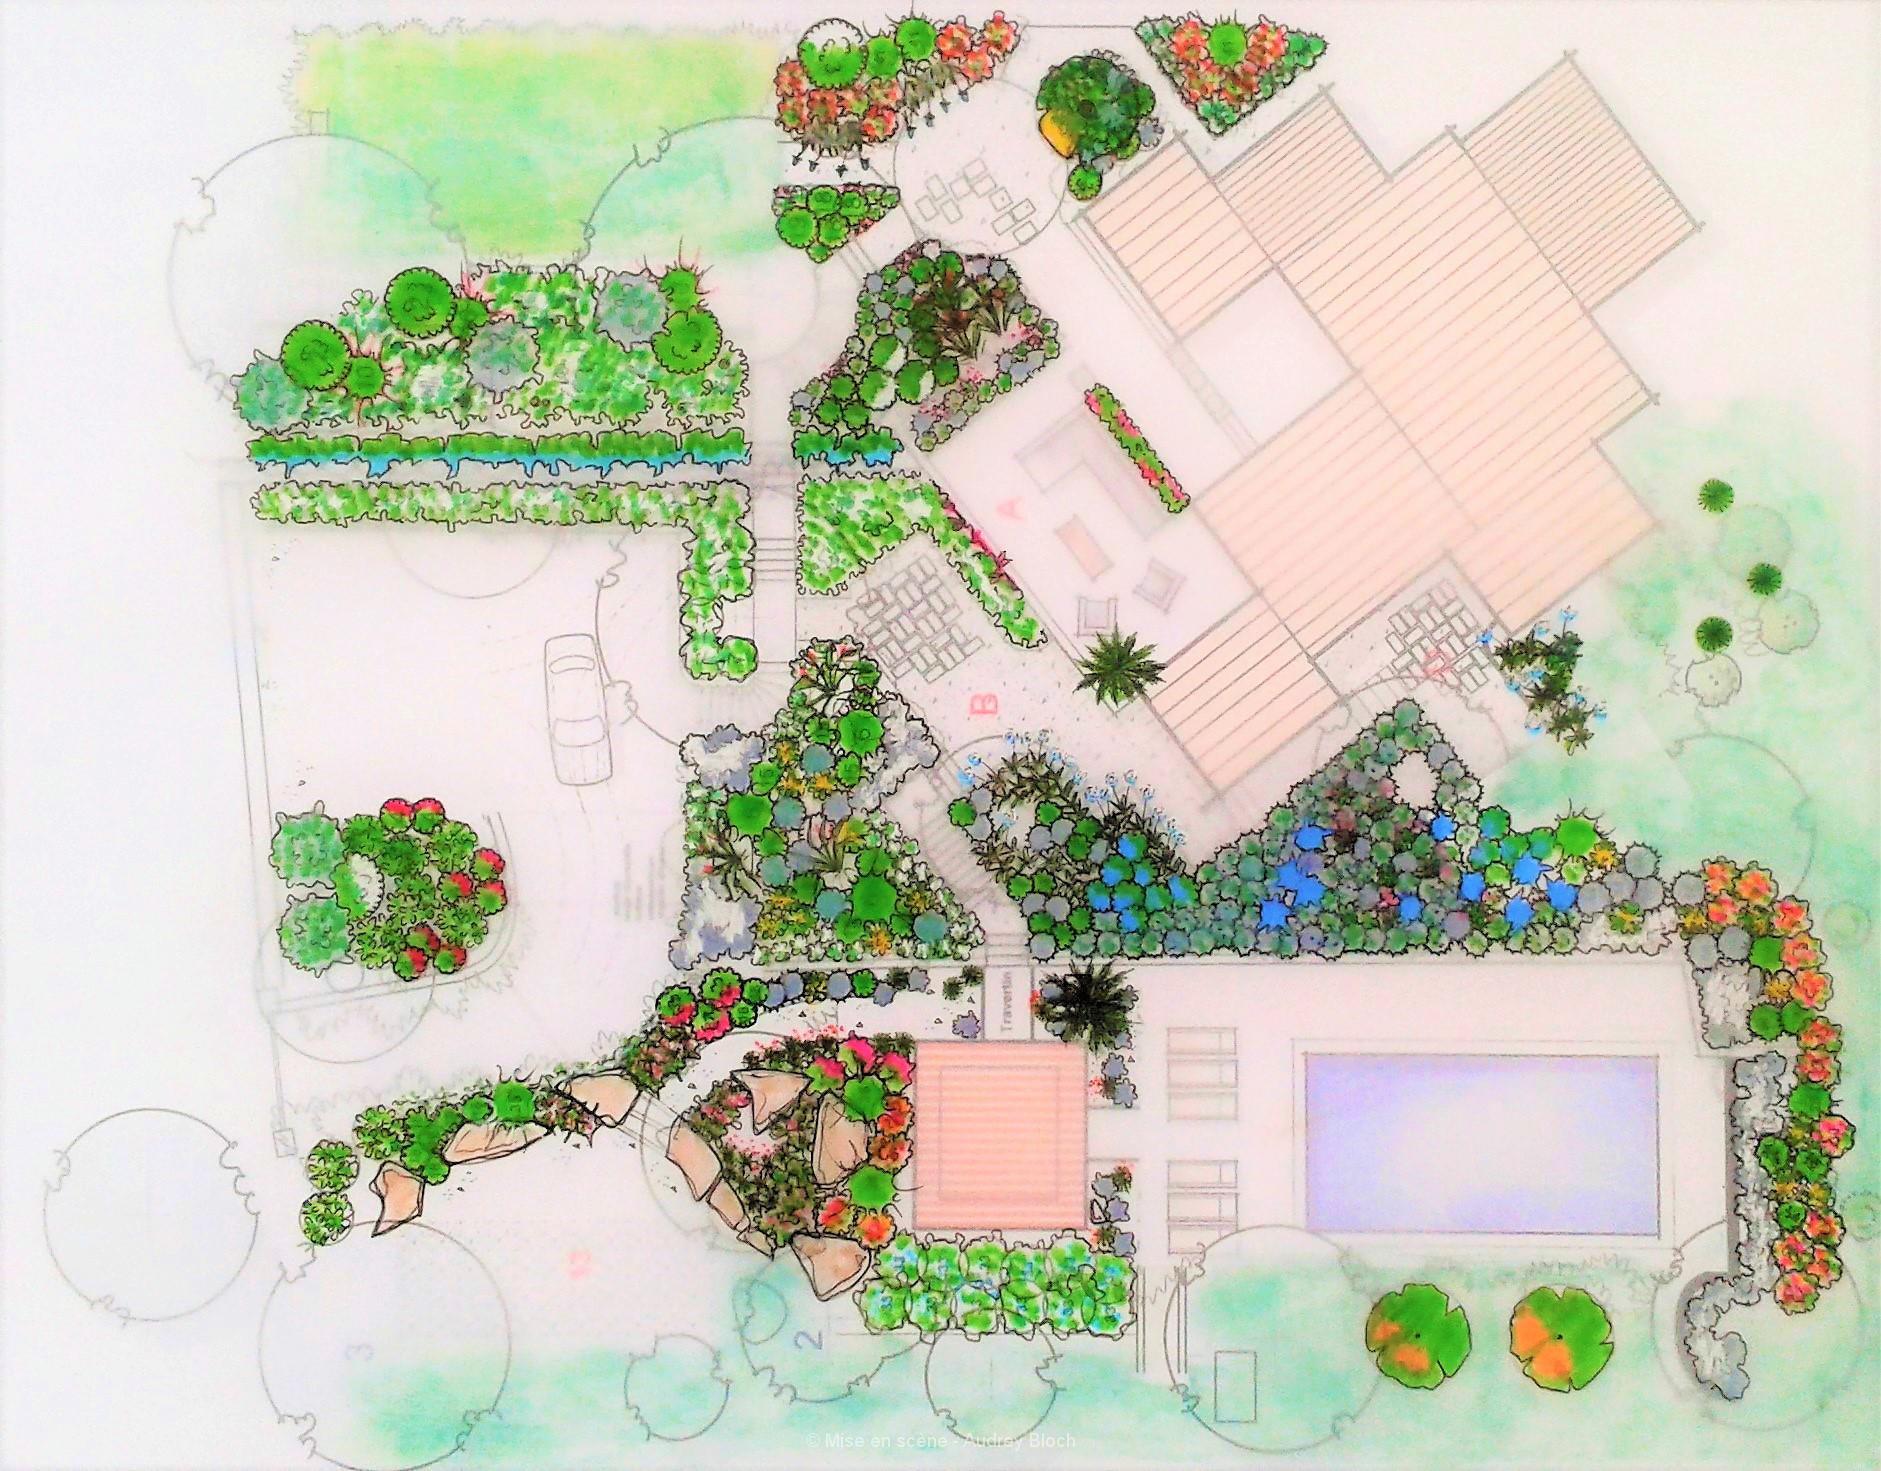 Jardin provençale